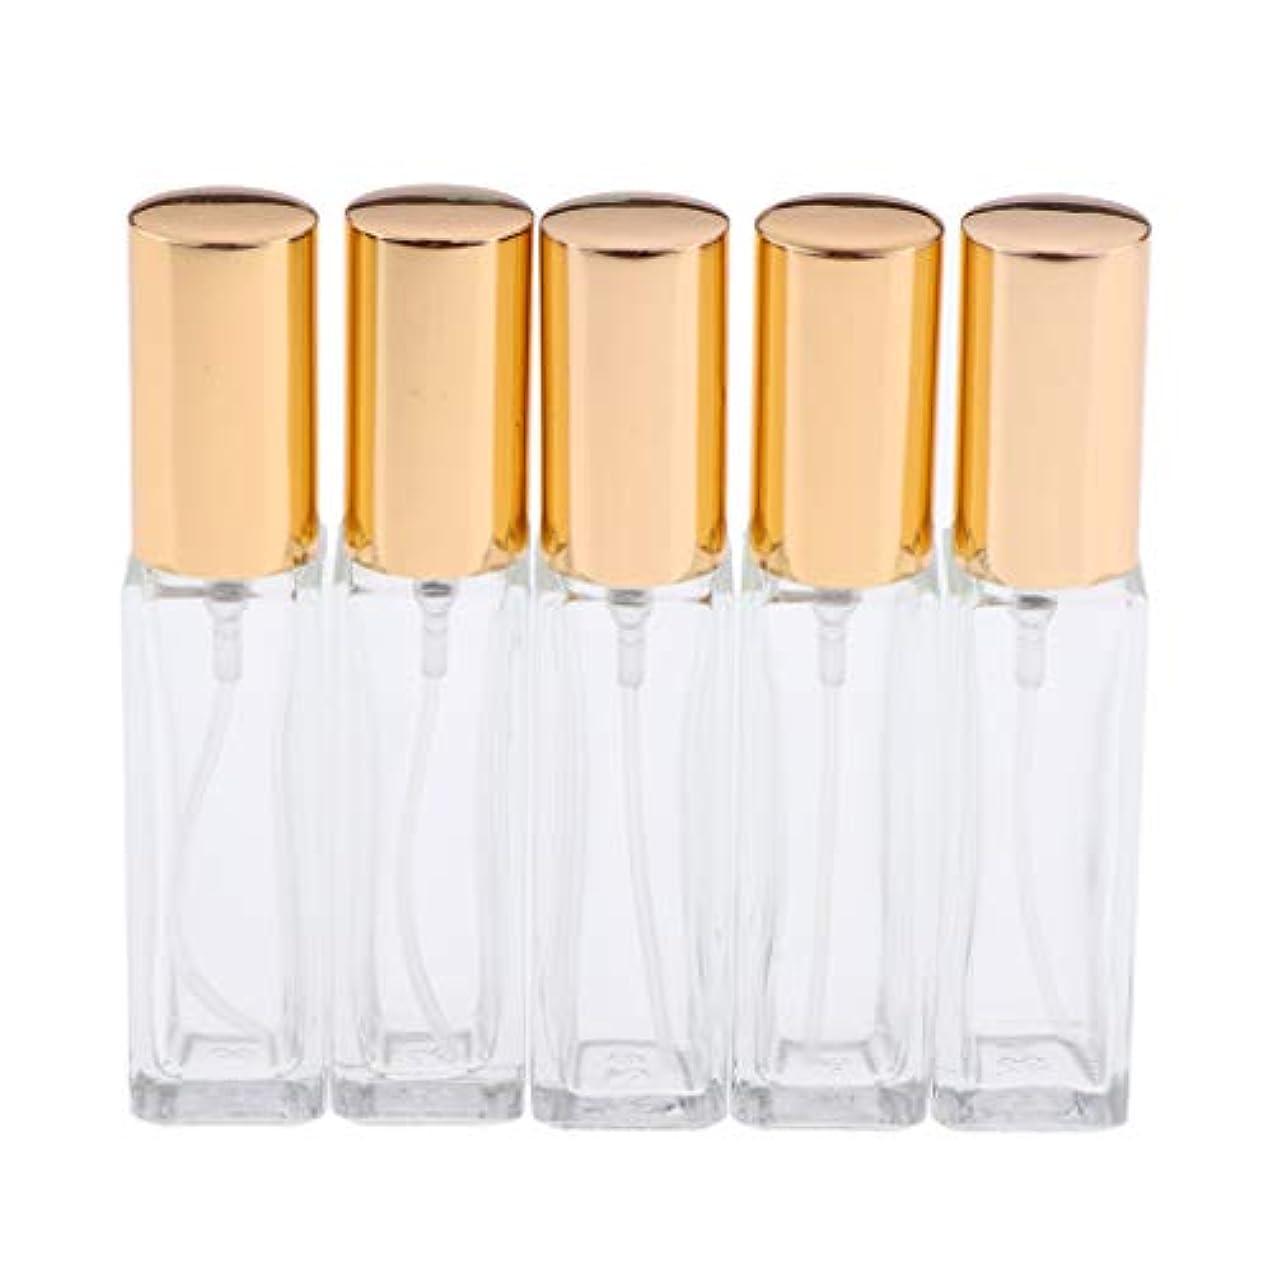 発見いつかデコードする5空瓶ポケットスプレーボトル詰め替え式香水アトマイザー絶妙な漏れ防止香水瓶美容ツール - ゴールデン